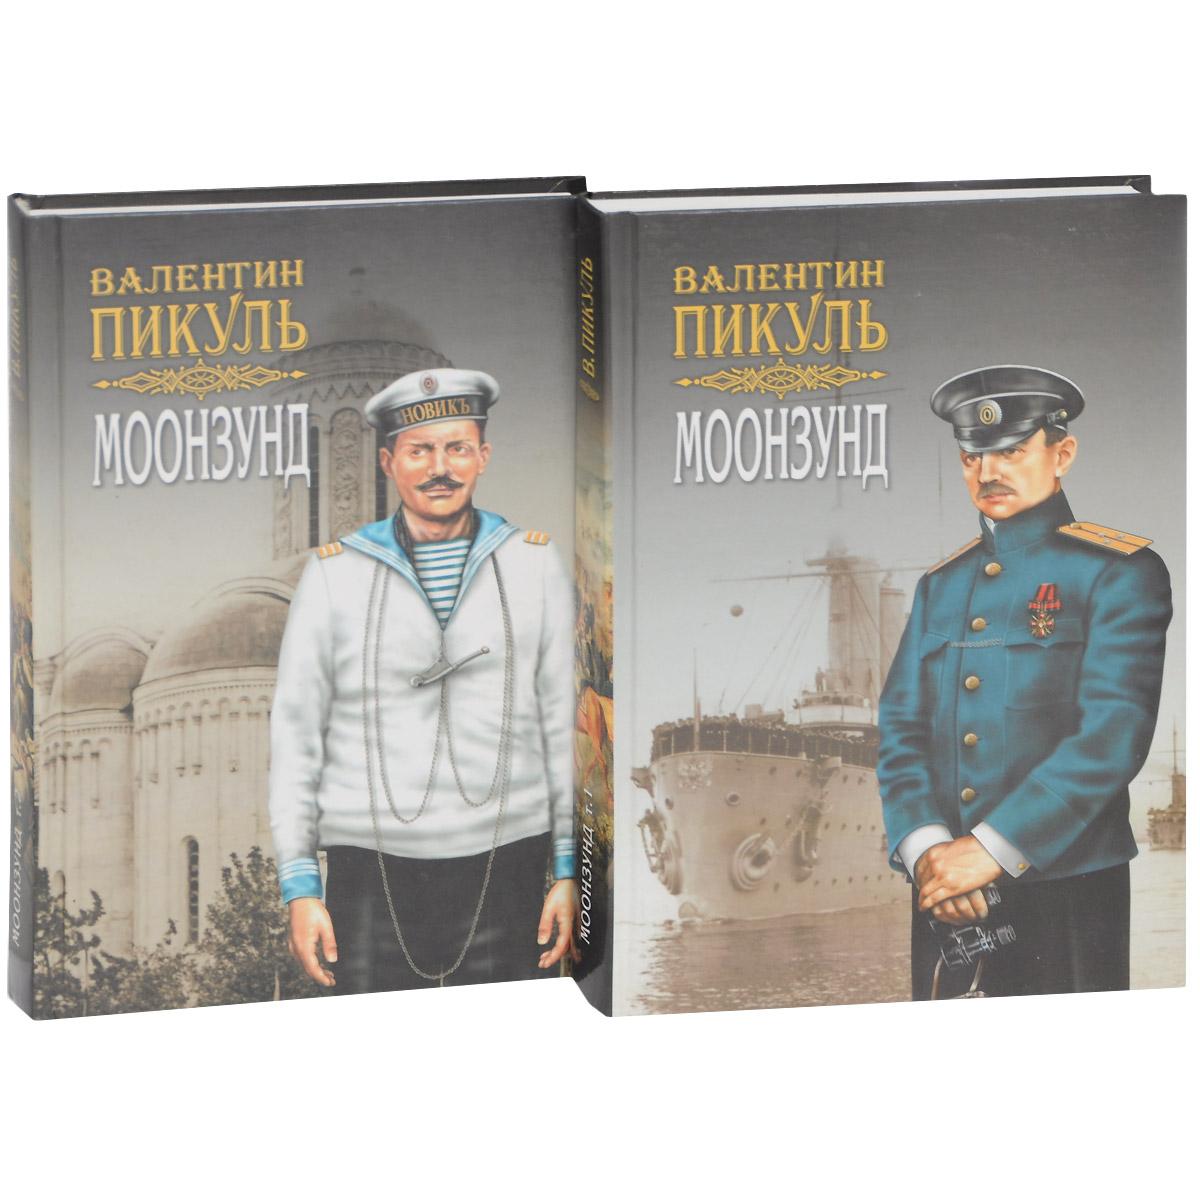 Моонзунд (комплект из 2 книг)